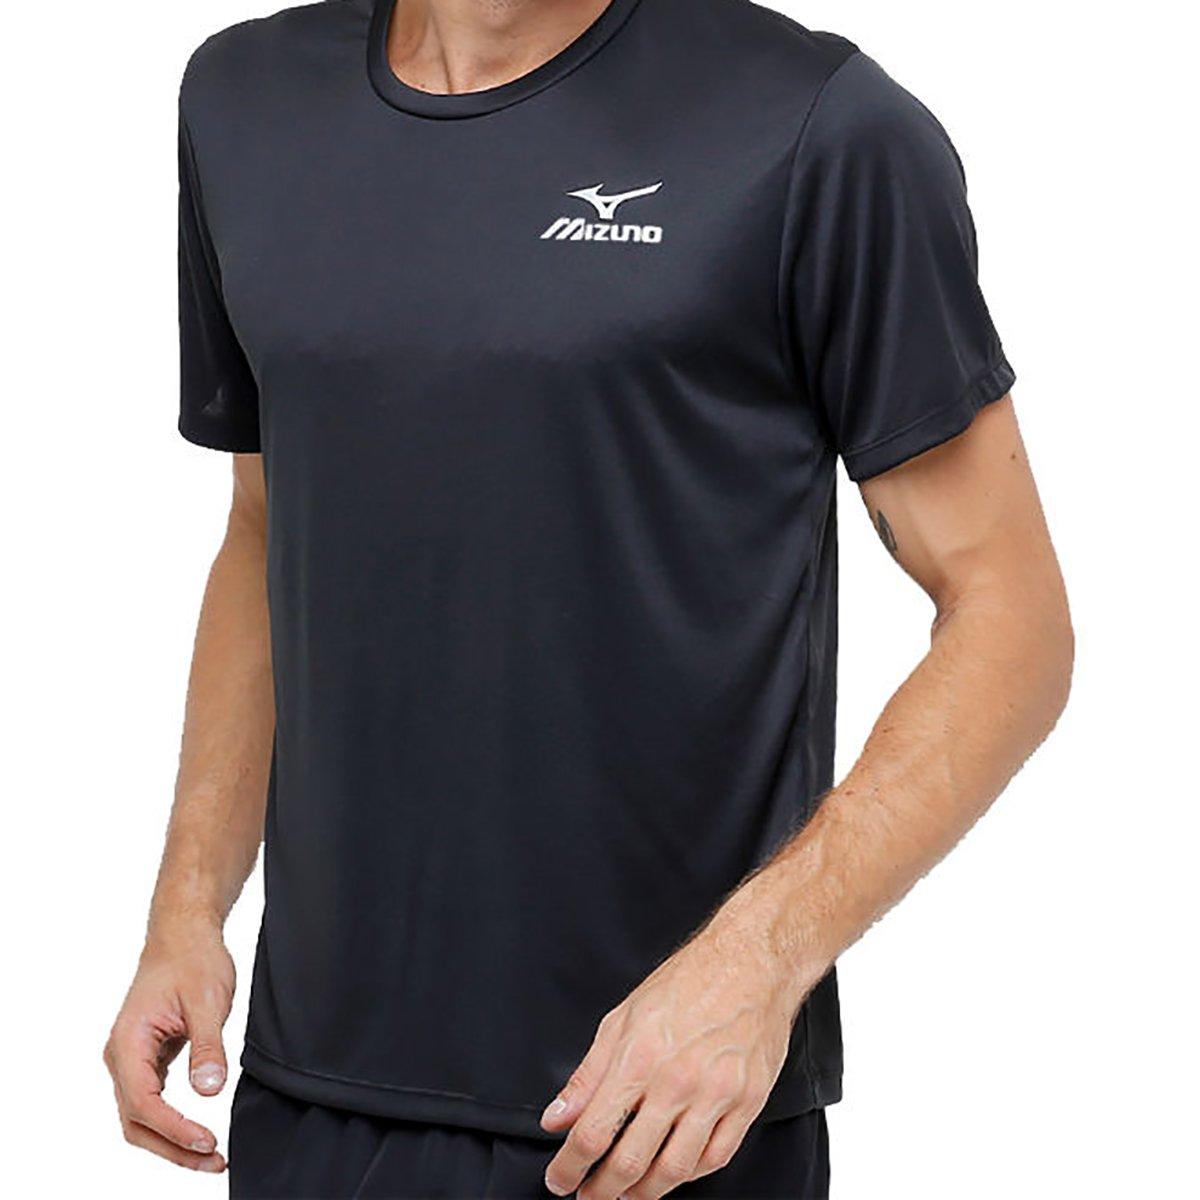 Camiseta Mizuno New Com Proteção UV Masculina - Preto